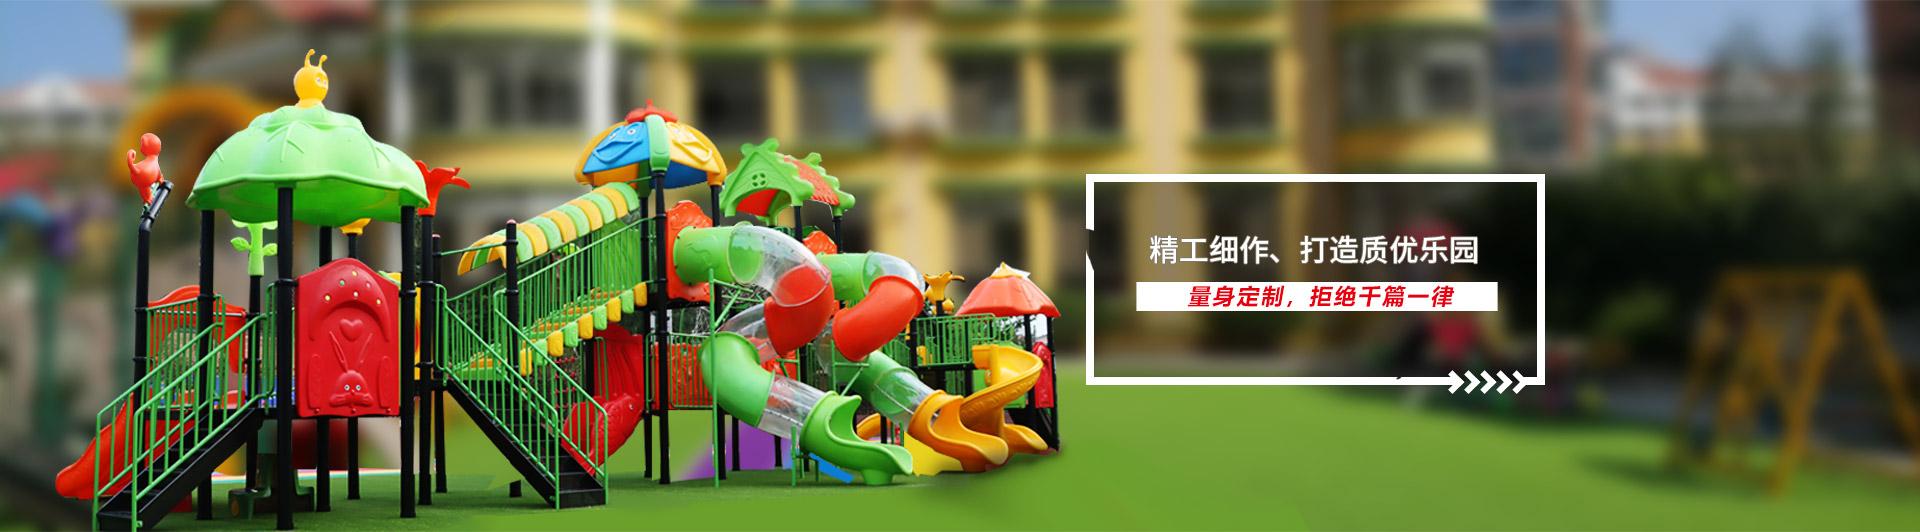 开心玩具,精工细作,打造质优乐园